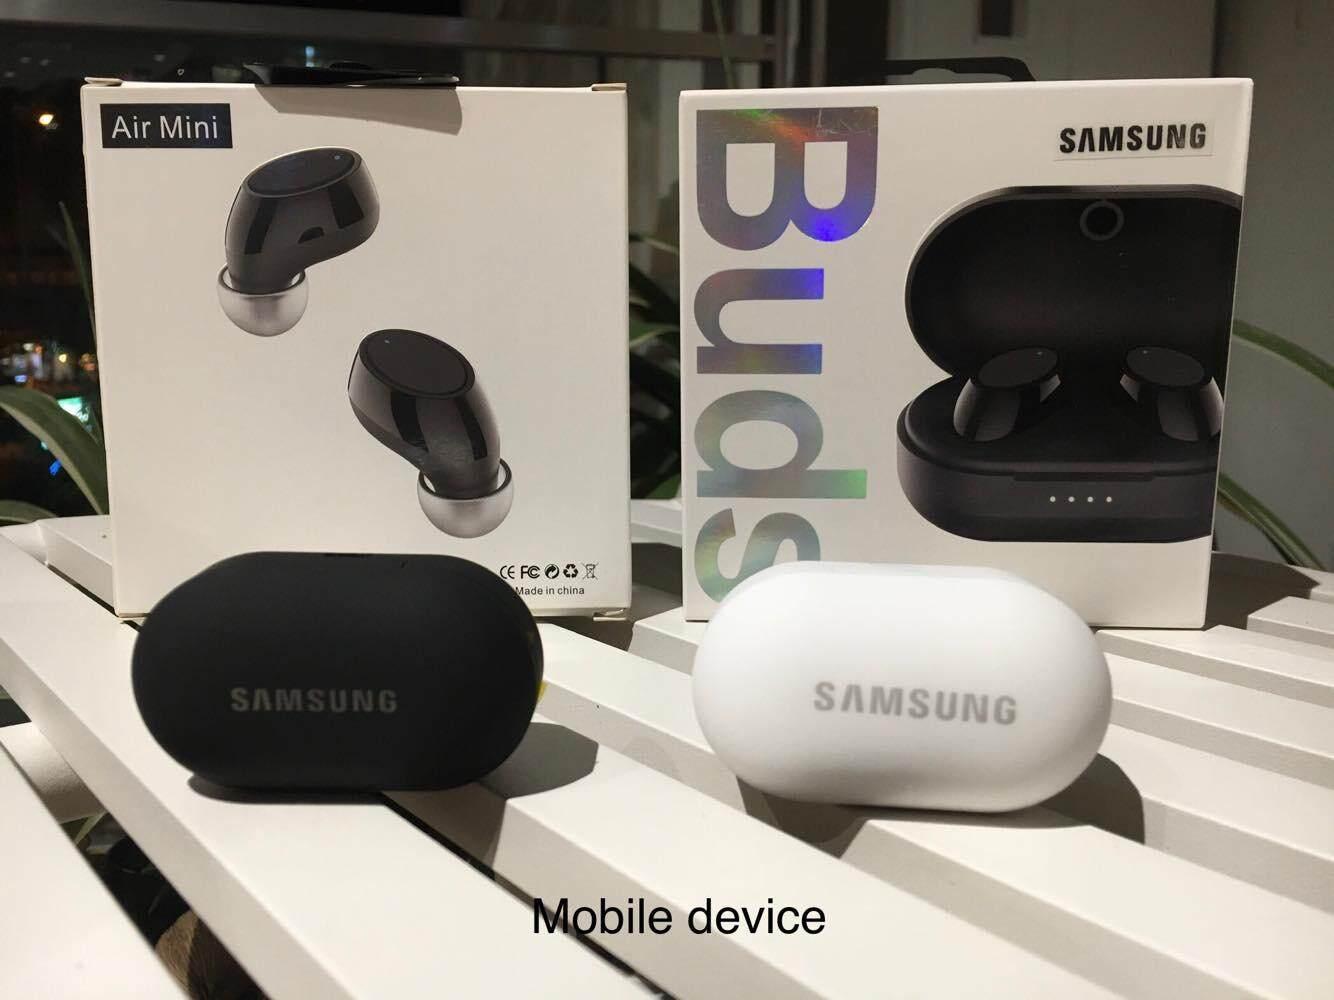 หูฟังไร้สาย Samsung Air Mini V.5 ใหม่ มาพร้อมตลับชาร์ท ขนาดเล็ก พกพาสะดวก เบสหนัก.